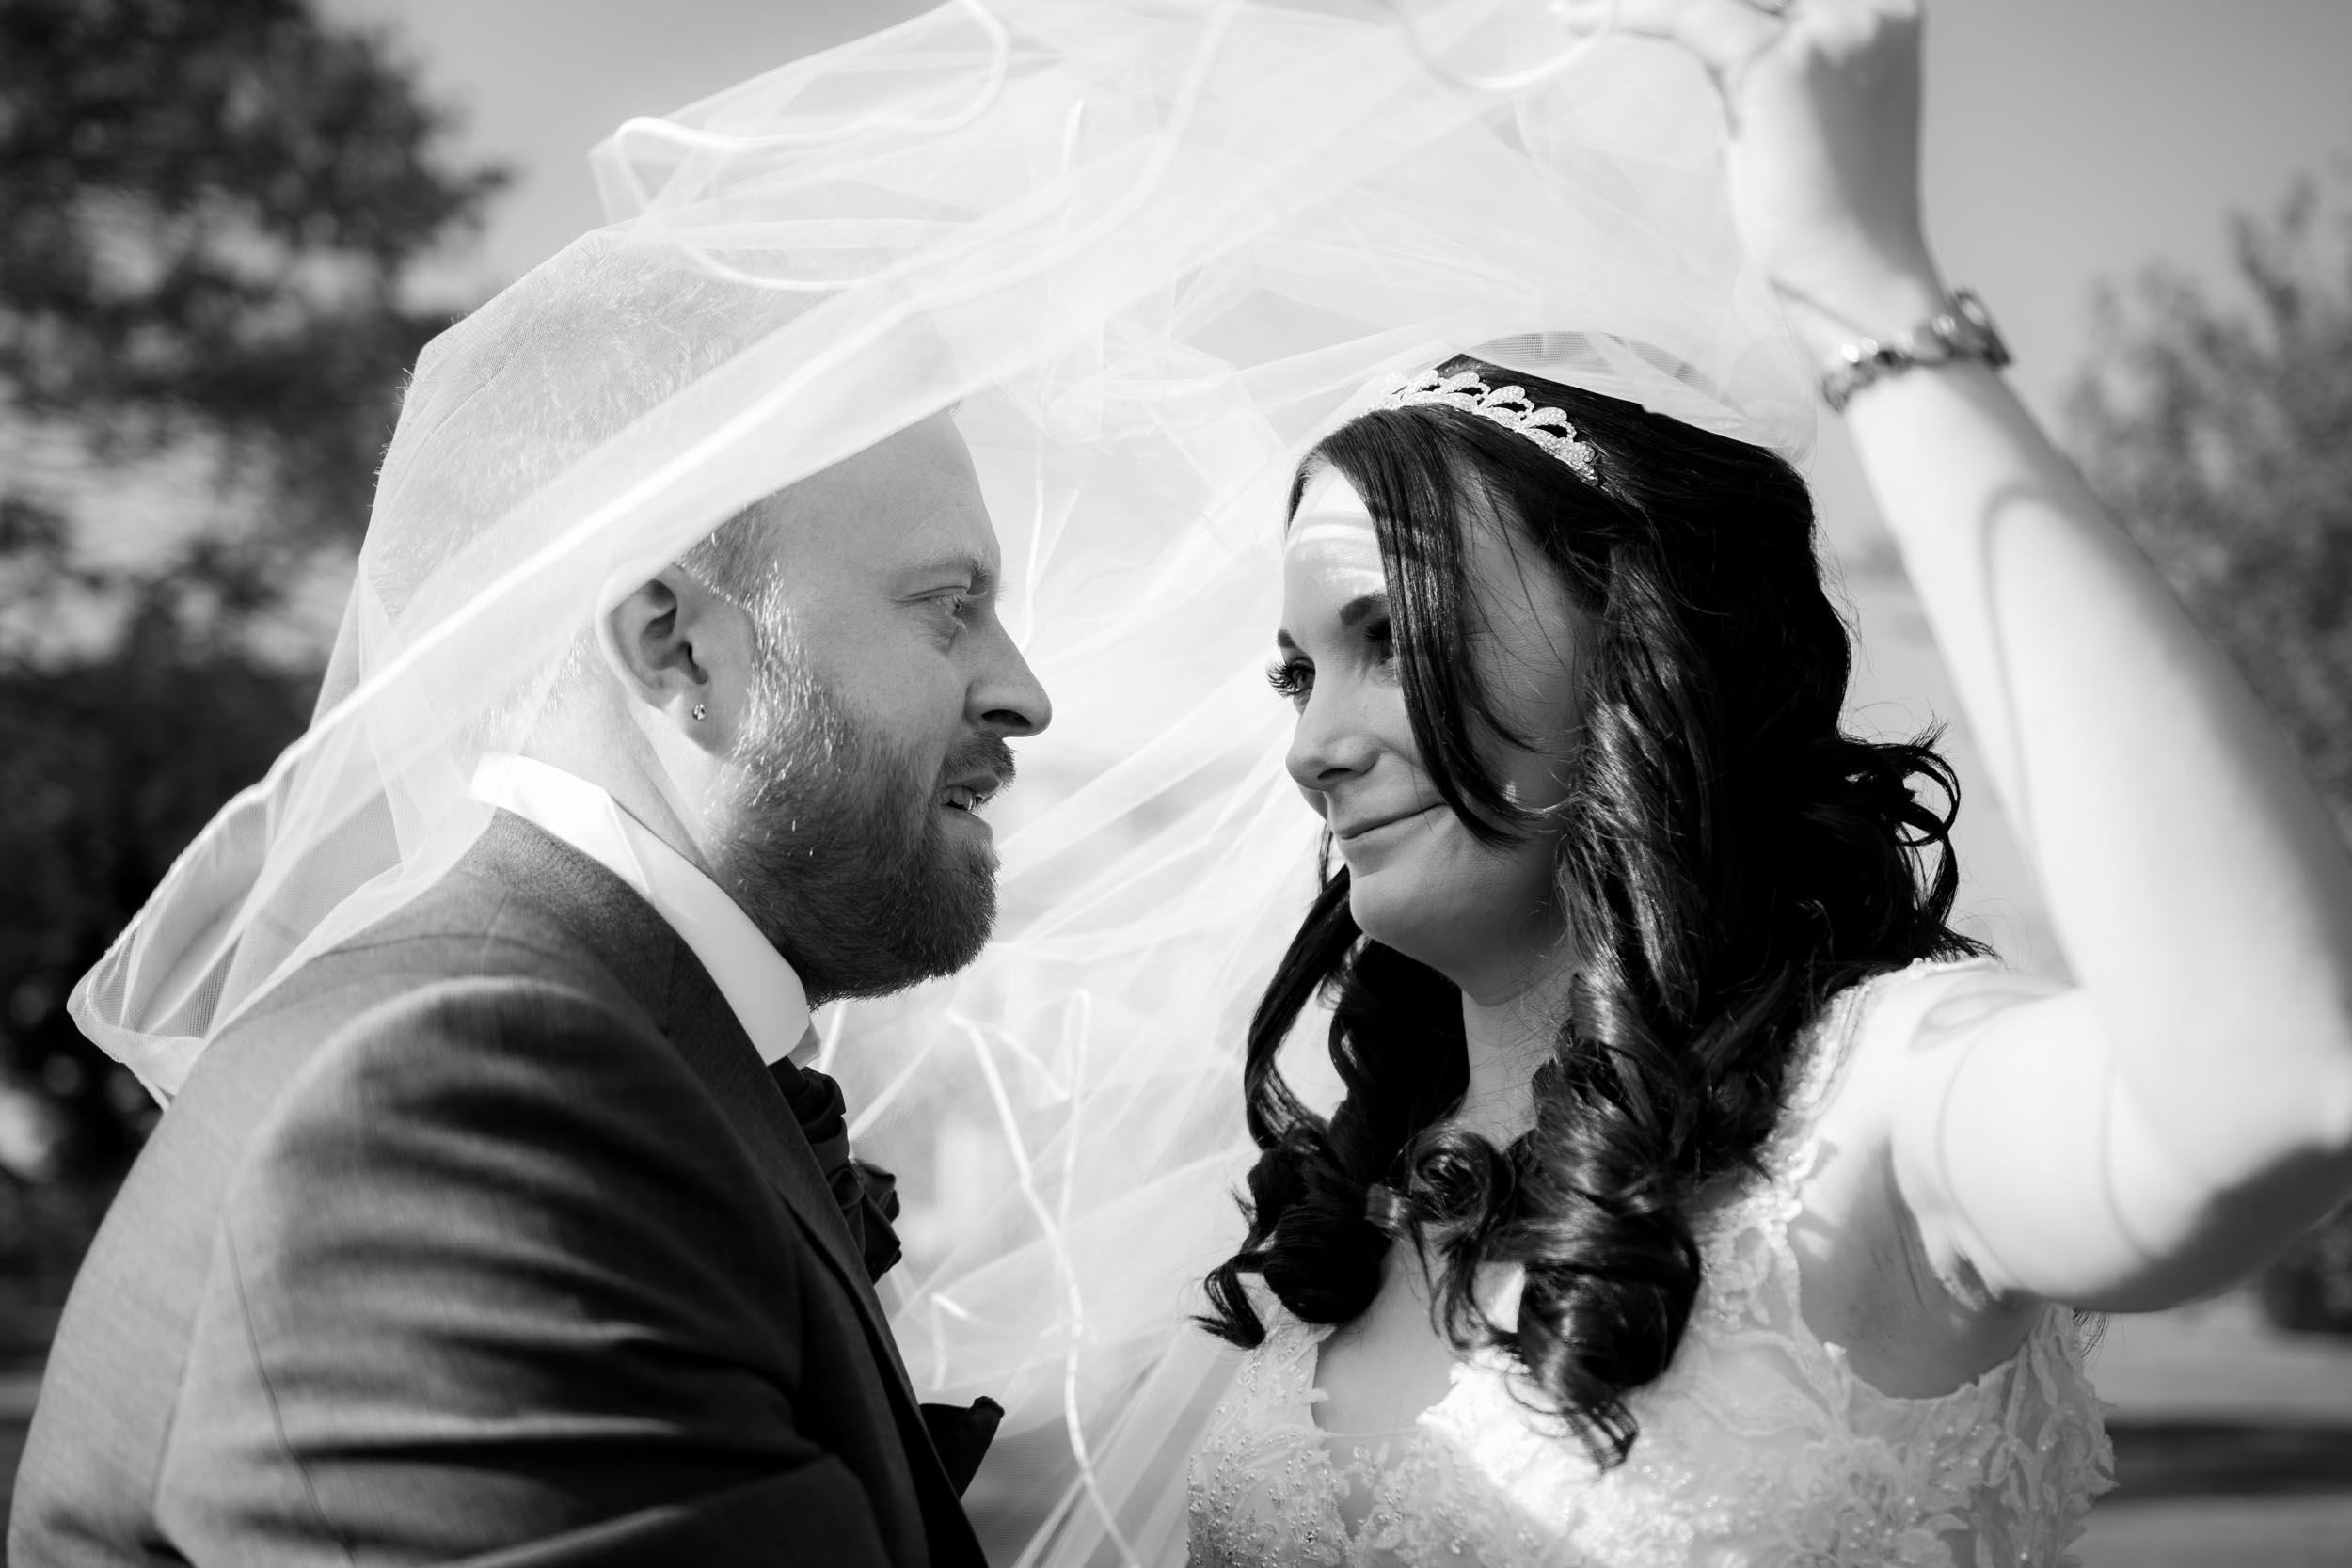 190420-Wedding-bride-groom-The-Old-Rectory-025.jpg